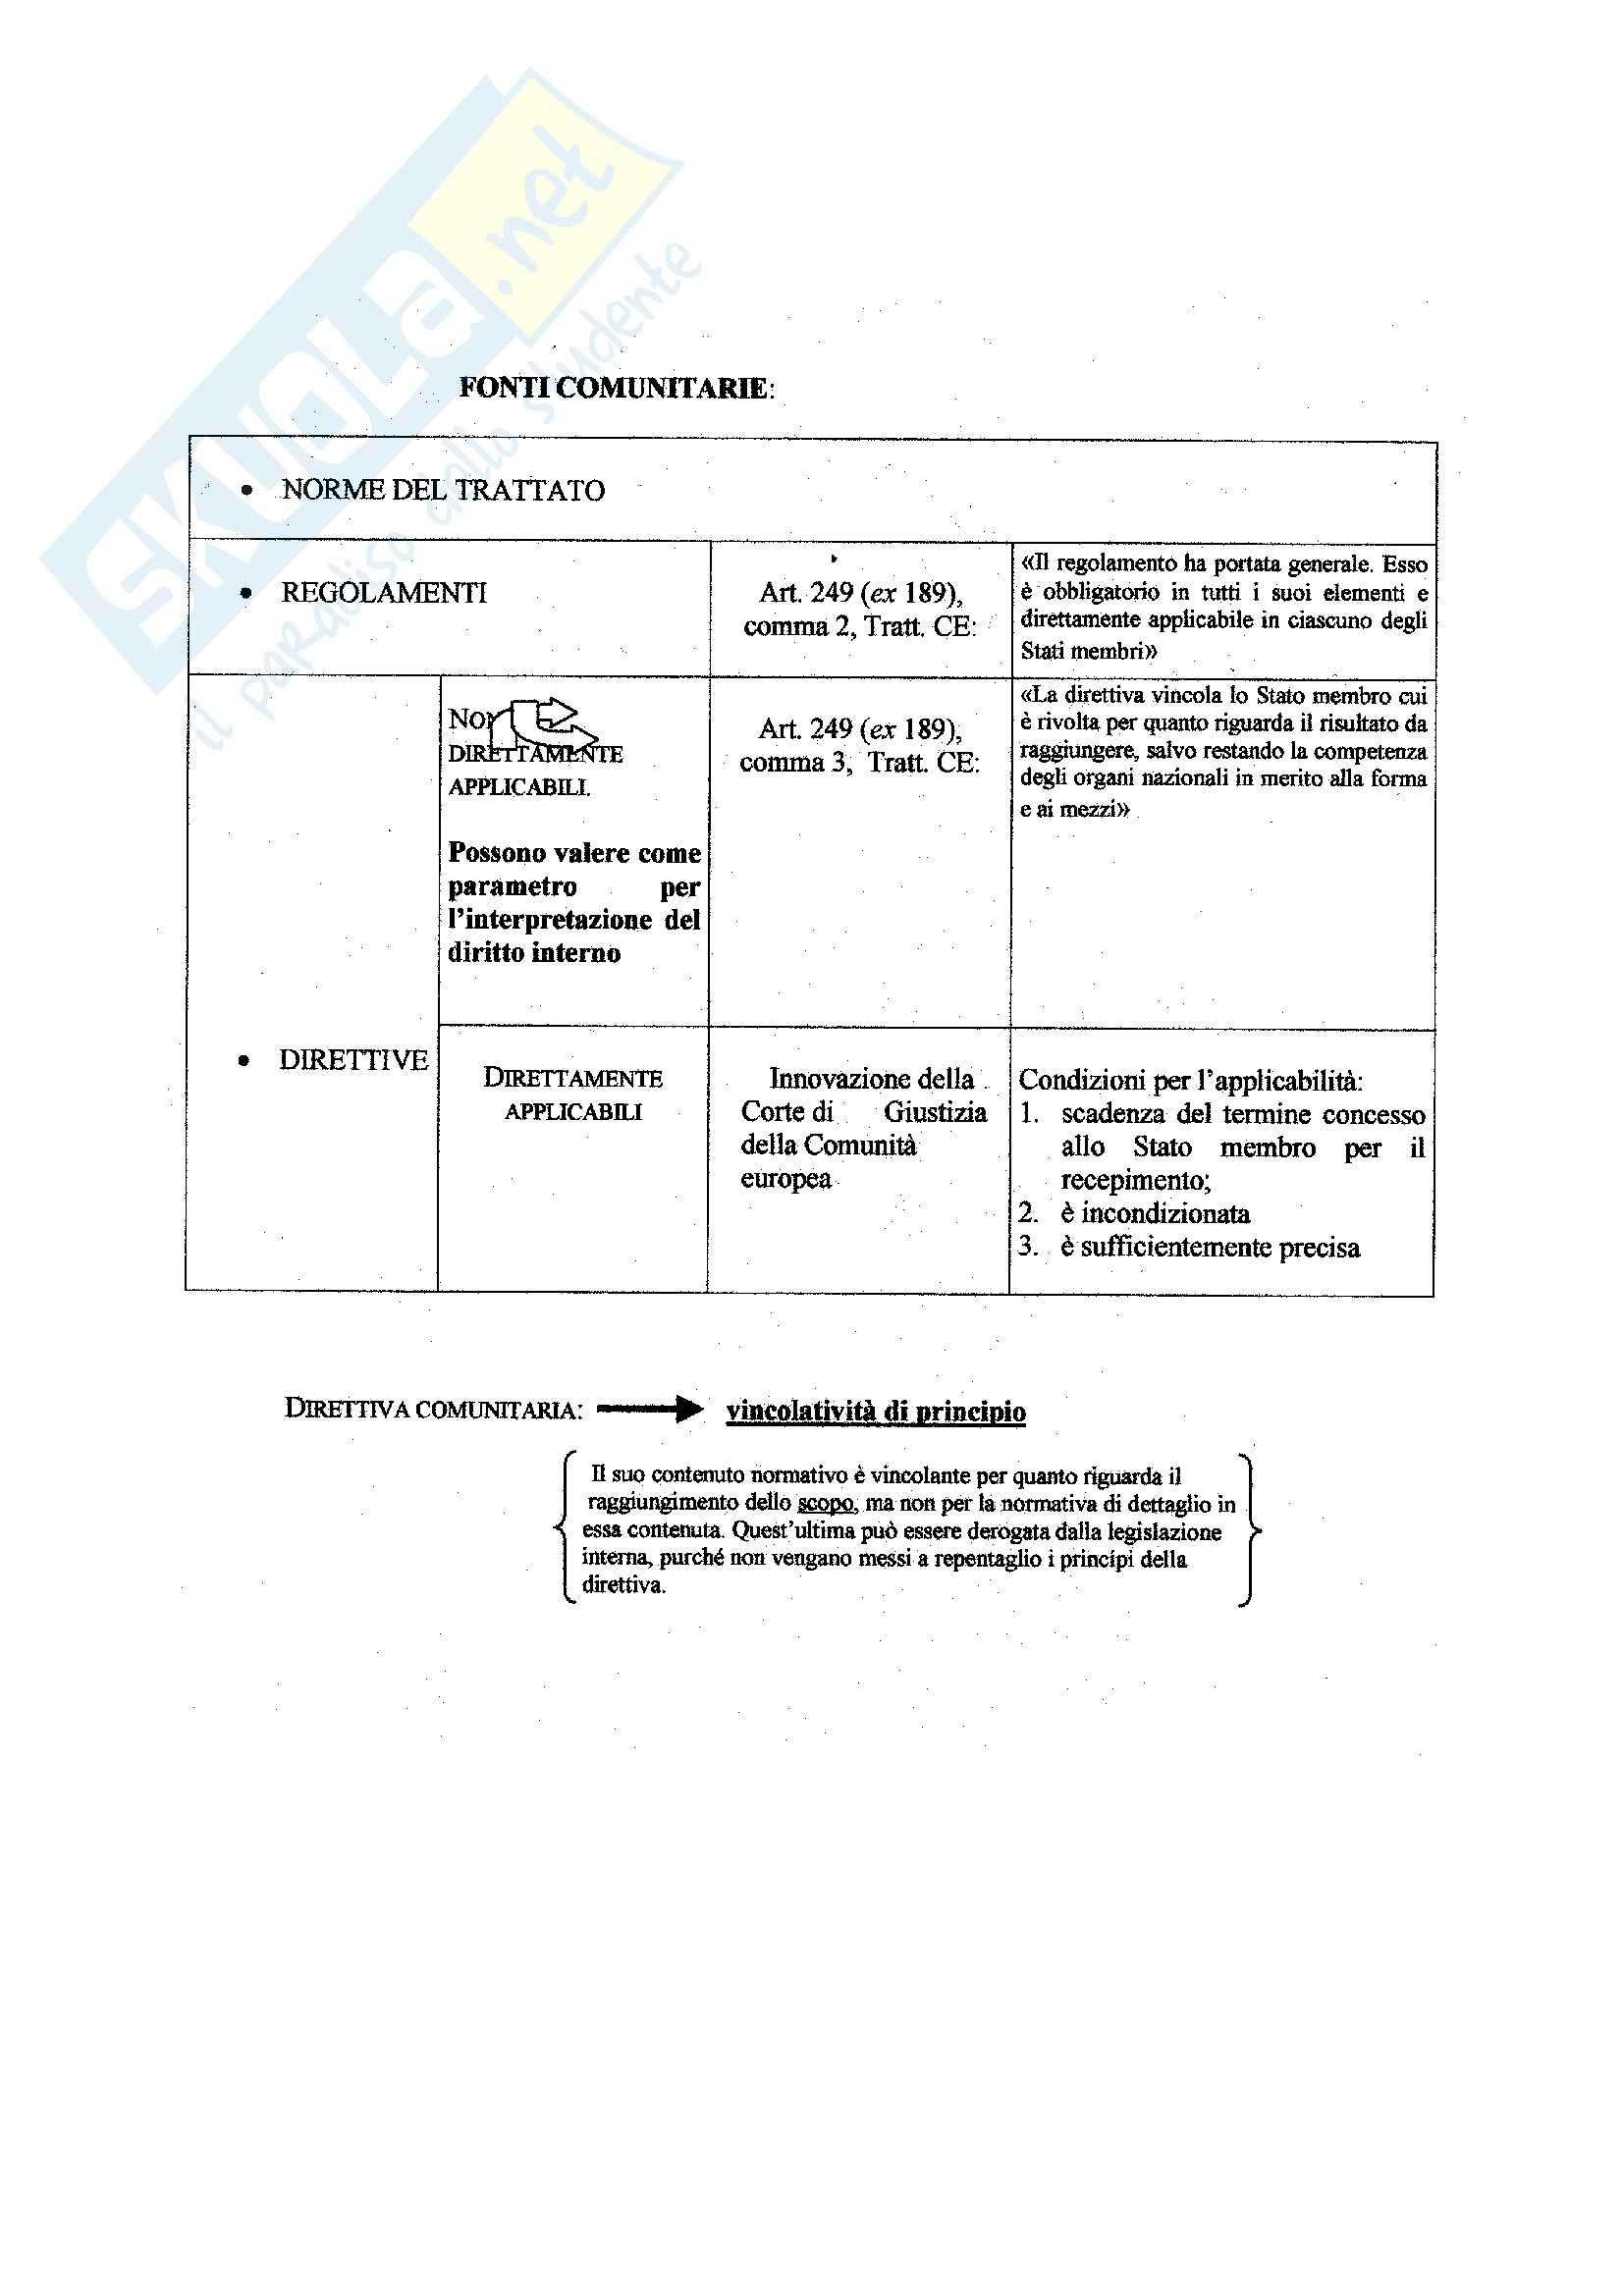 Manuale di diritto civile, Perlingieri - Schemi Pag. 2